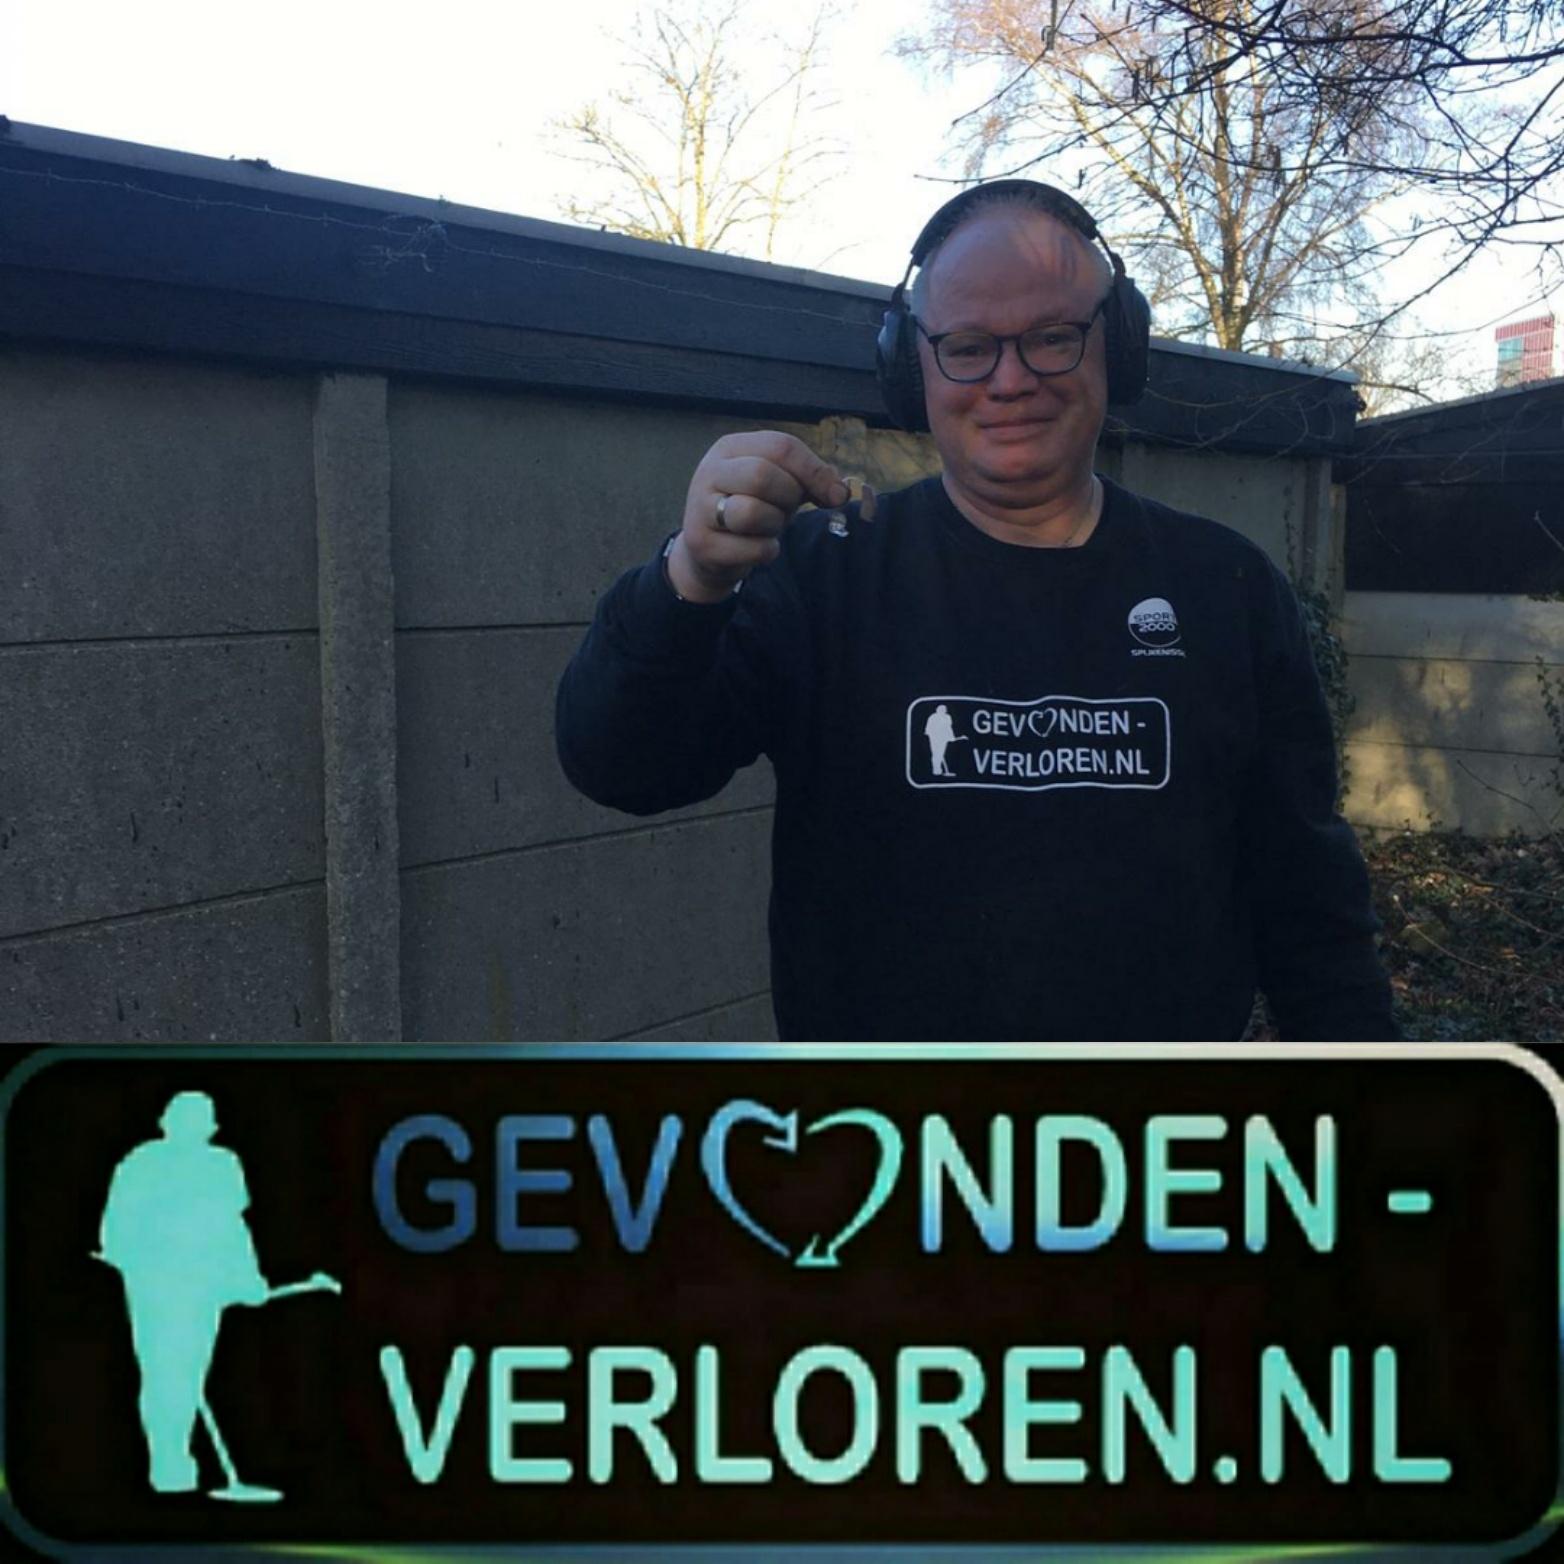 Jans van Wierden, hoortoestel, zoekopdracht